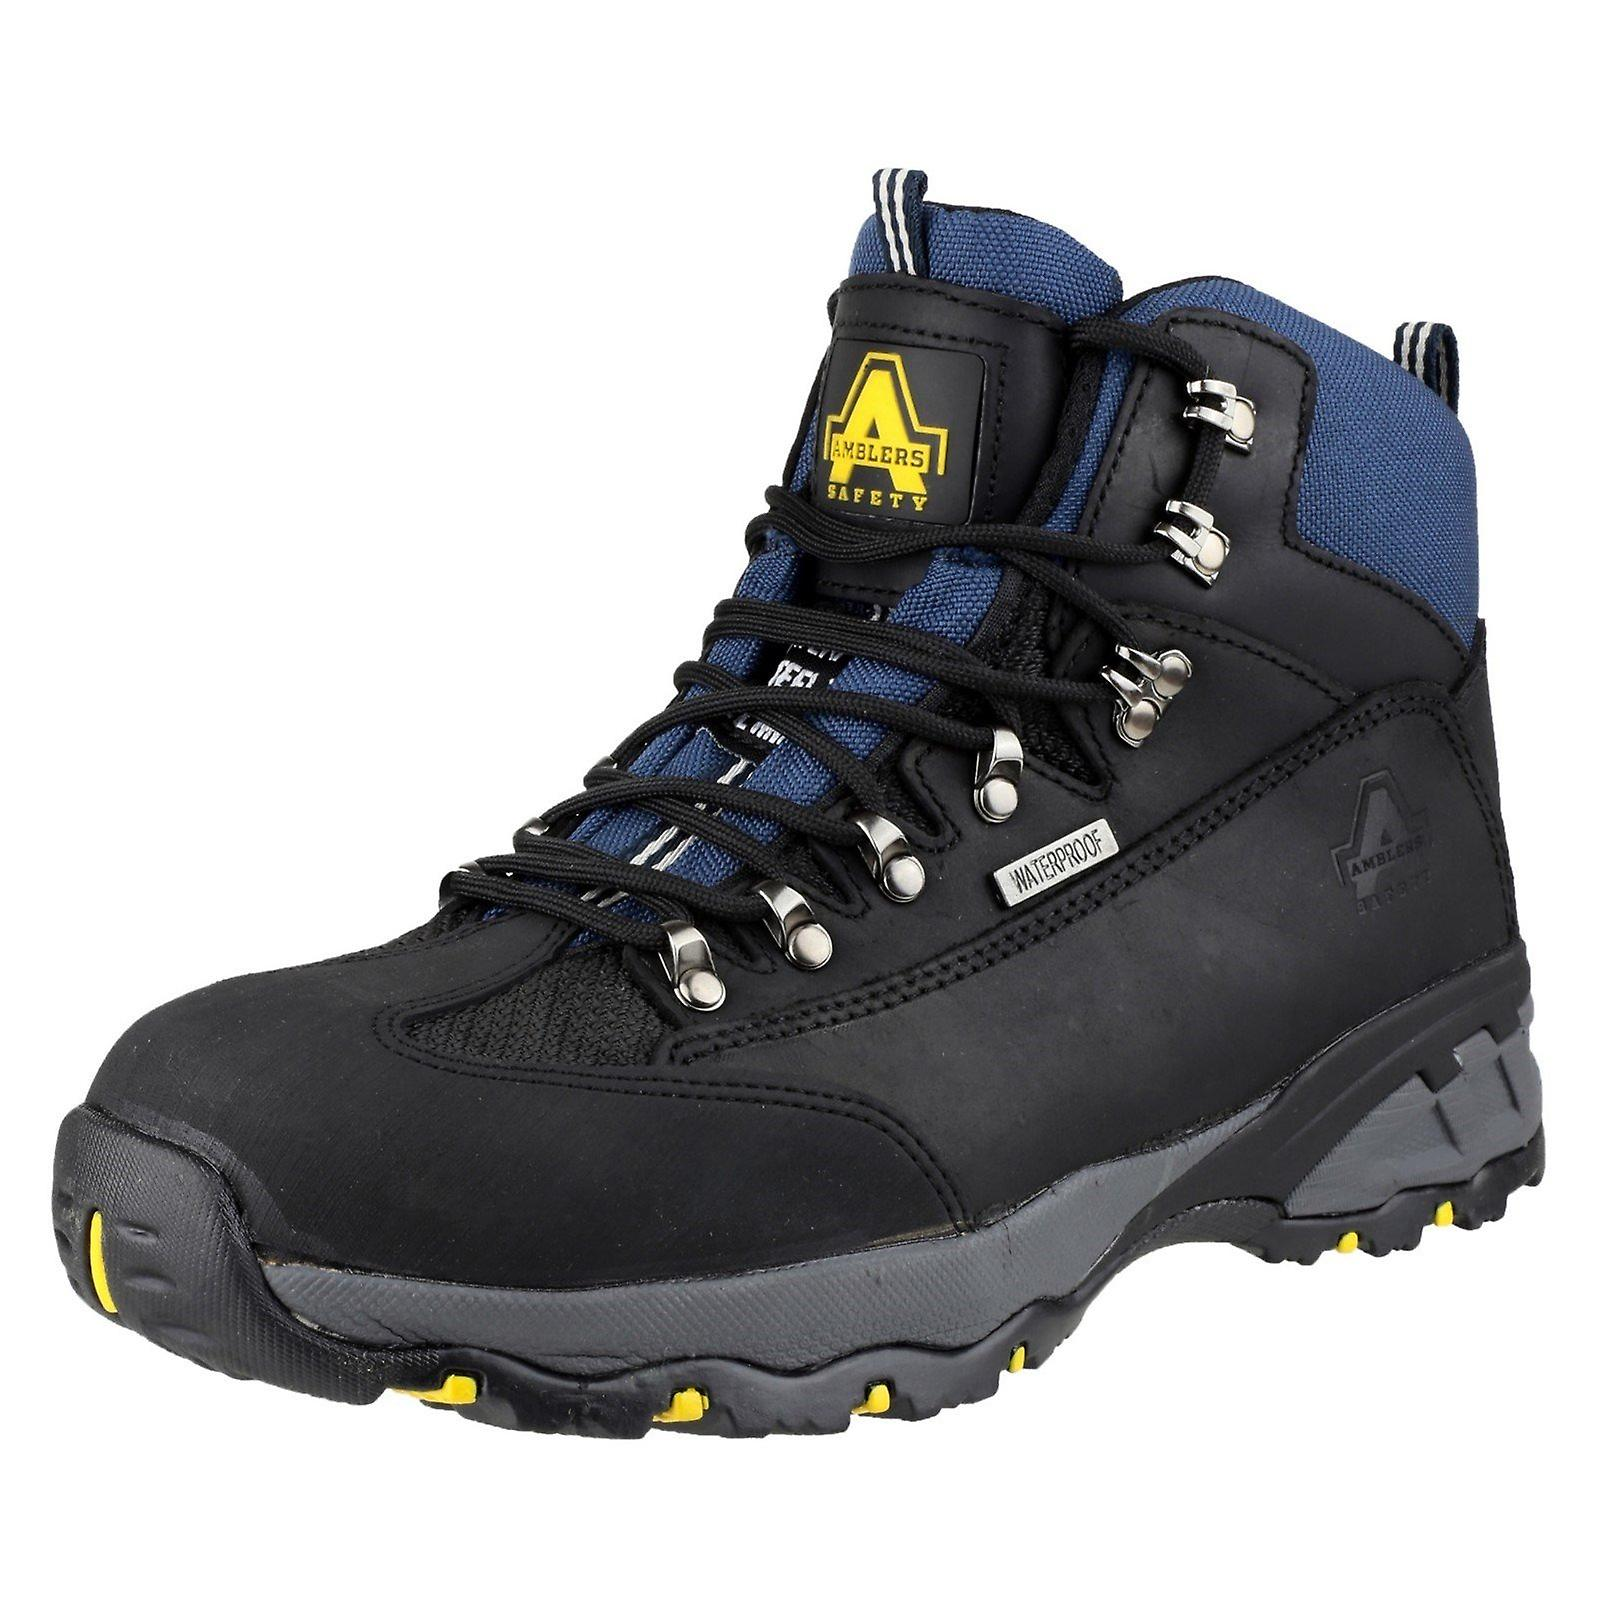 Amblers staal FS161 waterdichte laars / Boots van Mens / veiligheidsschoenen 8XMq0u